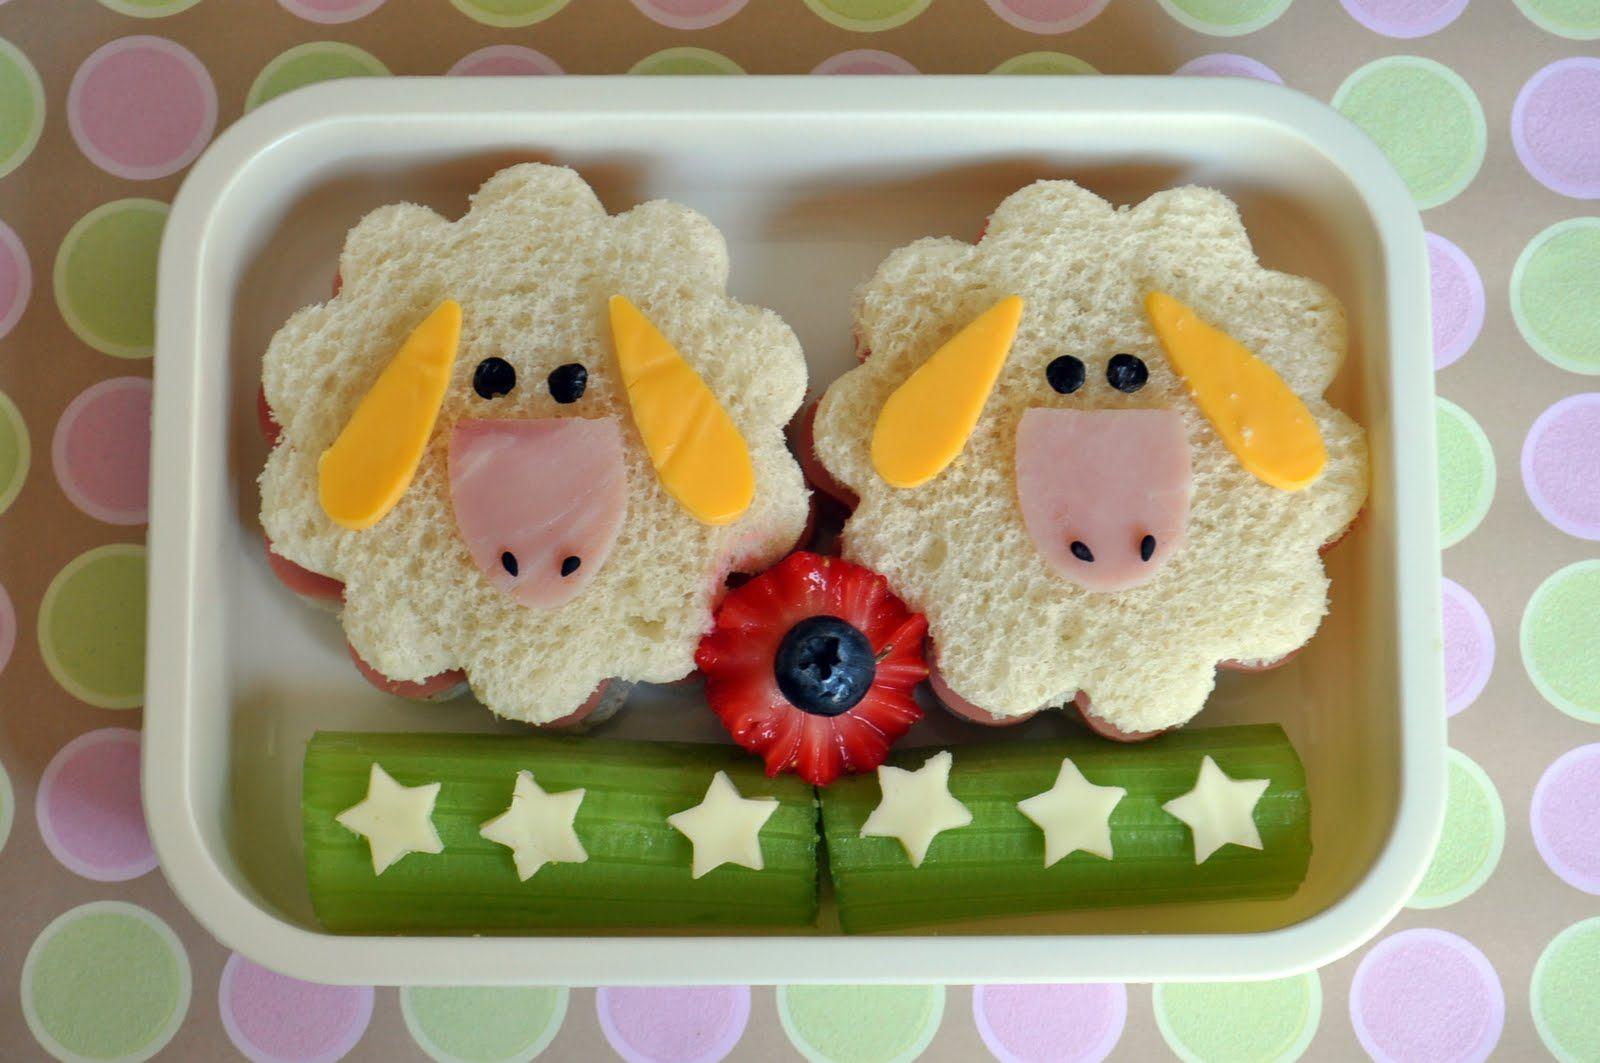 Sheep shaped sandwich delicioso comida creativa para for Comidas rapidas para ninos